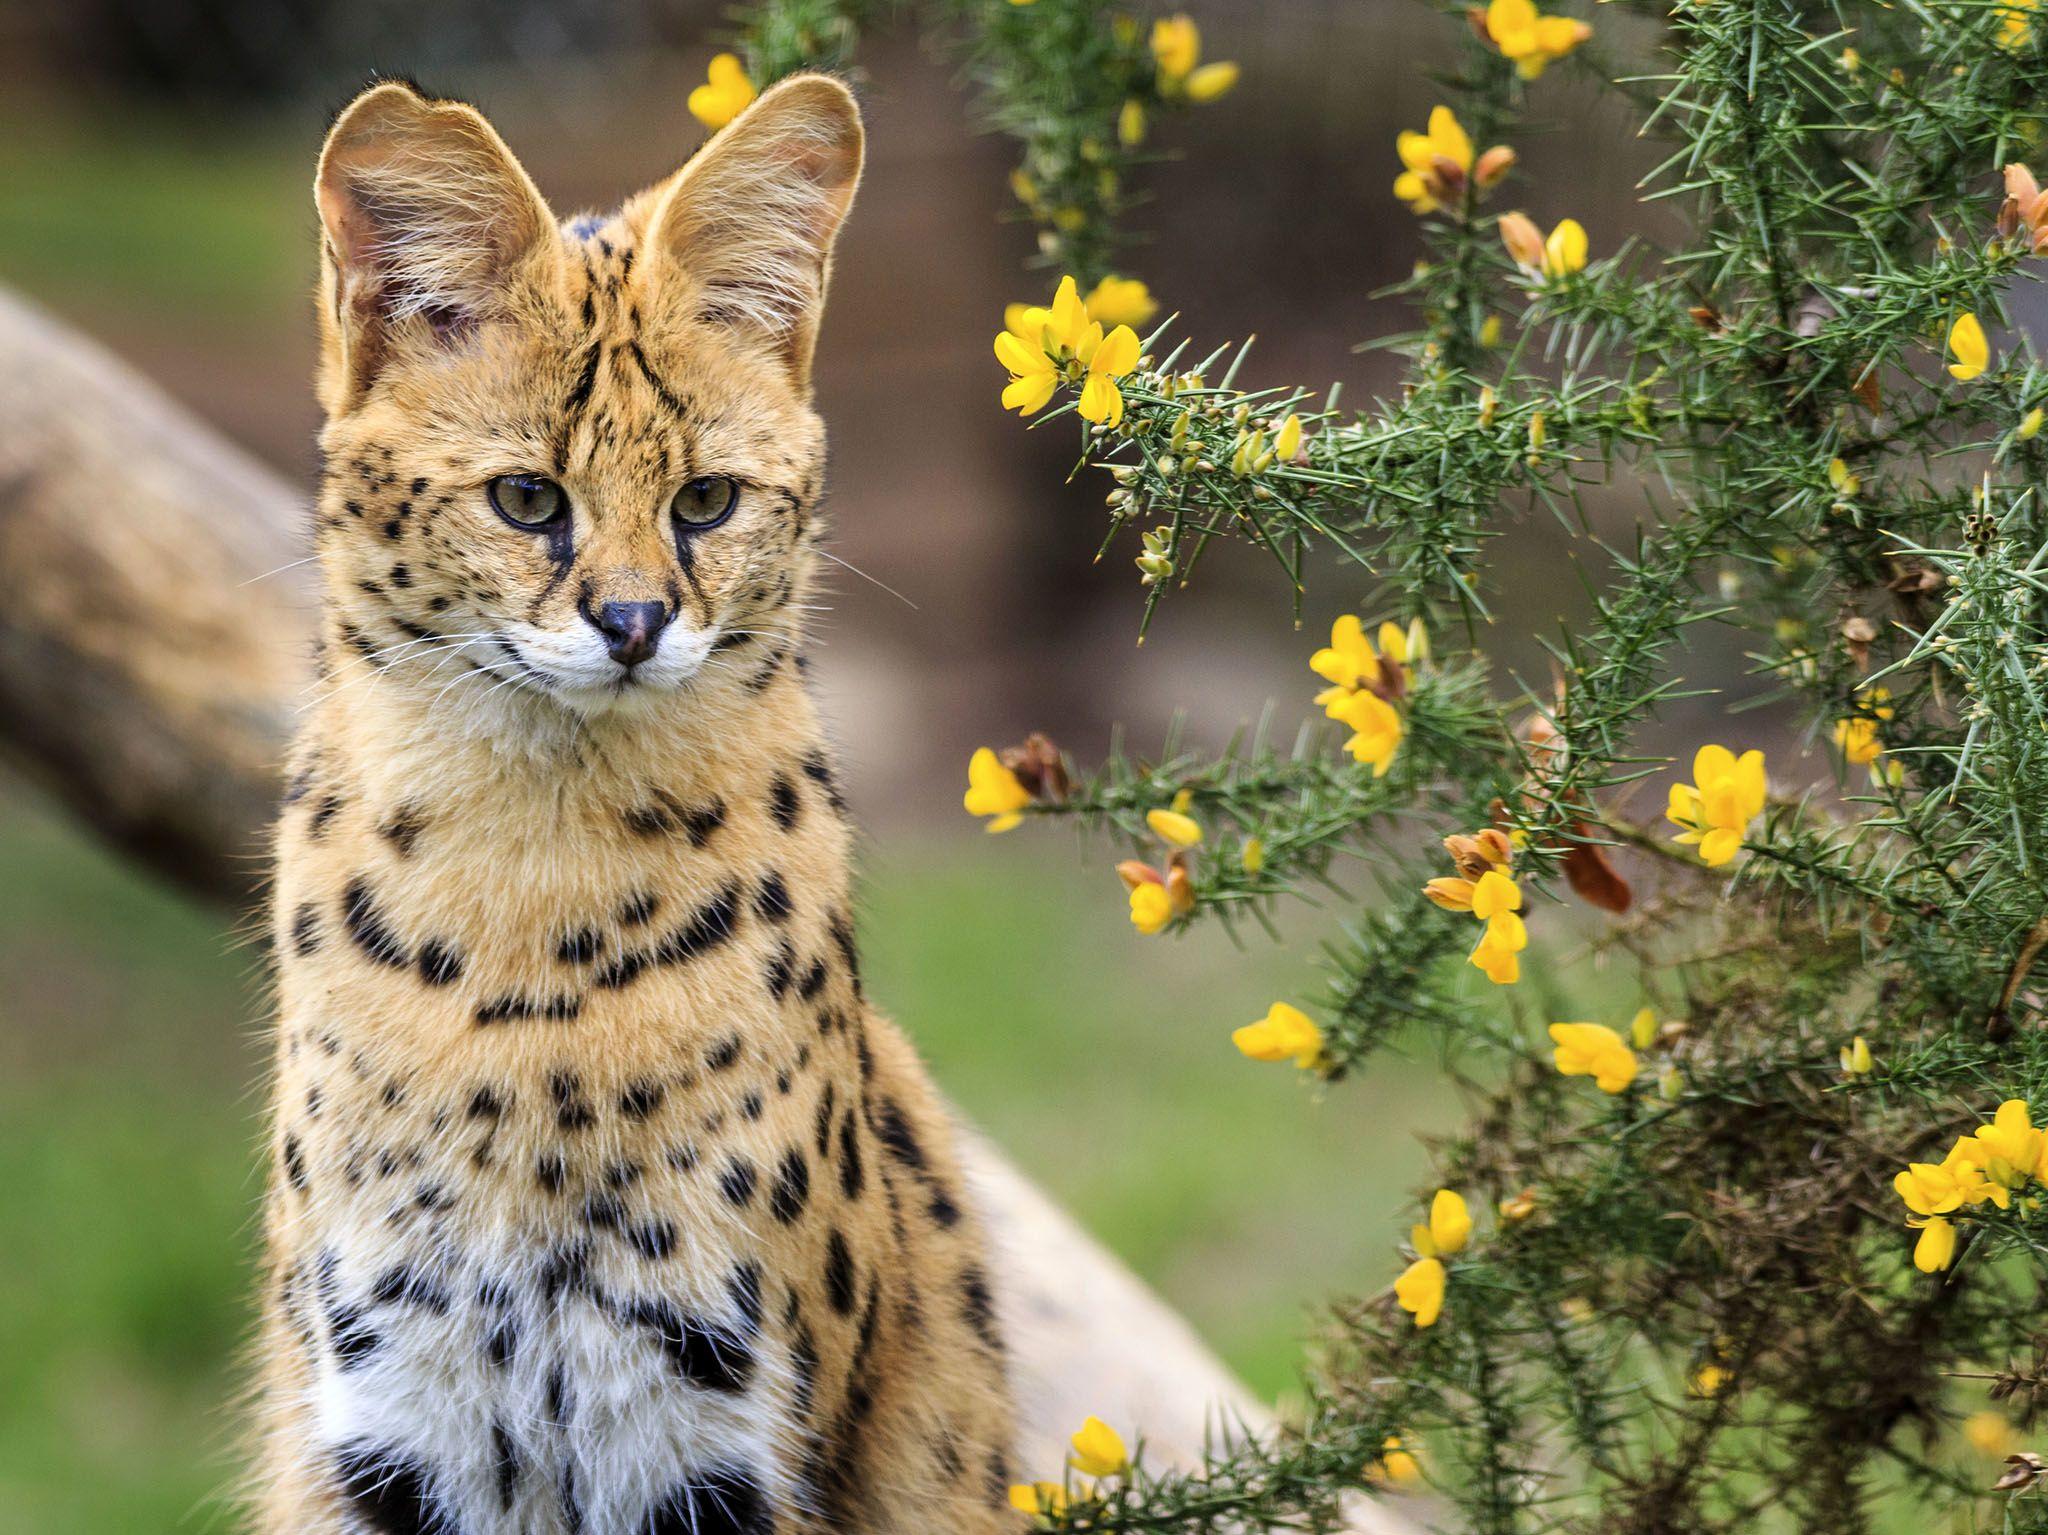 Africa: il servalo (Leptailurus serval, gattopardo africano) è uno dei felini cacciatori più... [Foto del giorno - gennaio 2017]